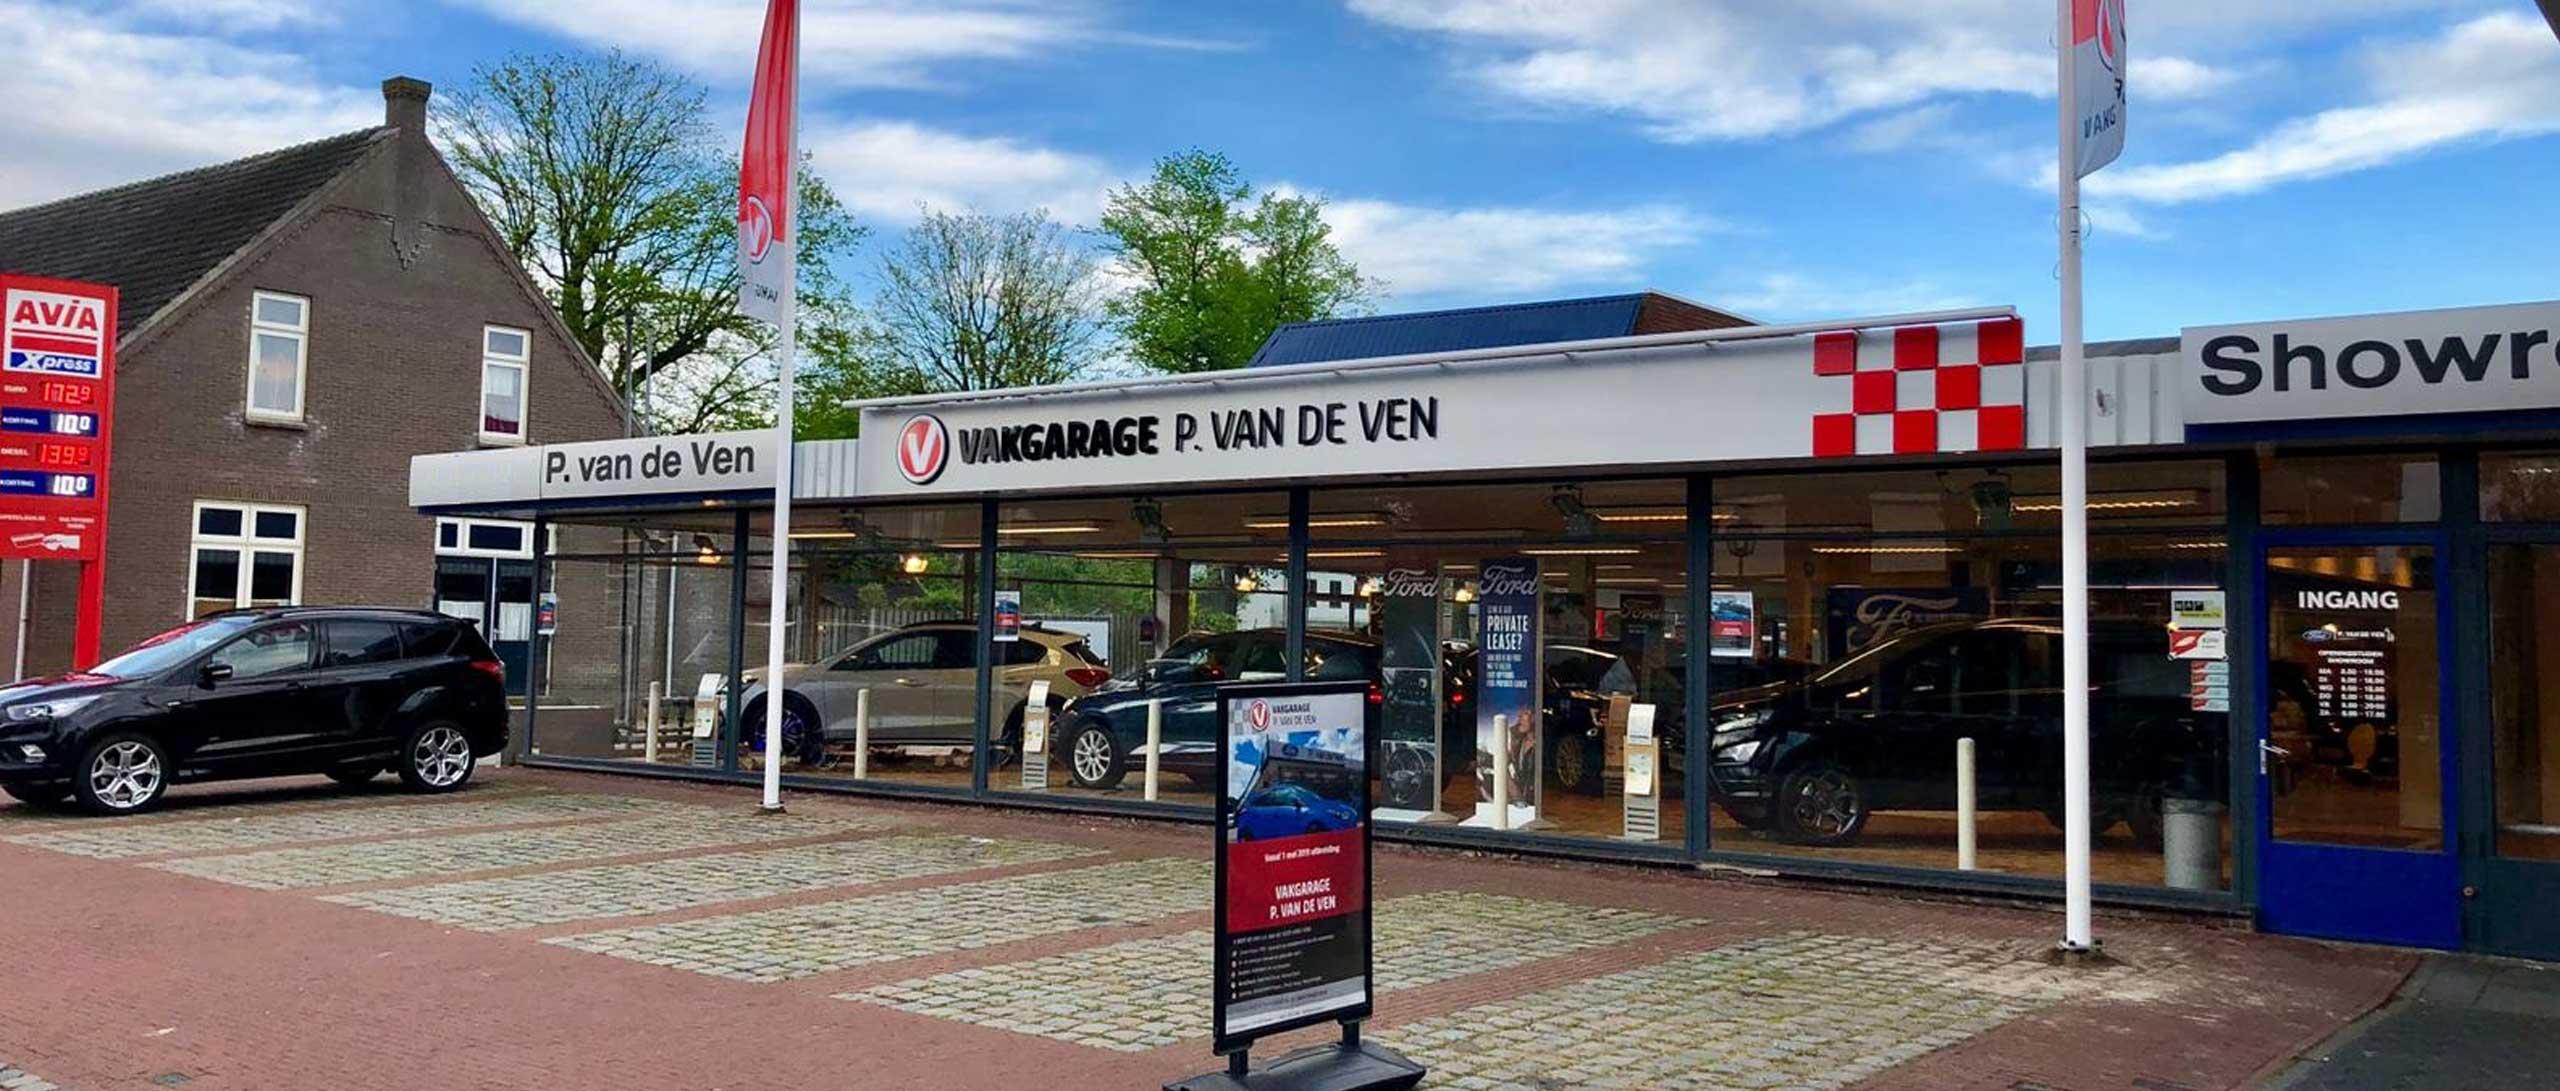 occasions bij P. van de Ven in Vessem